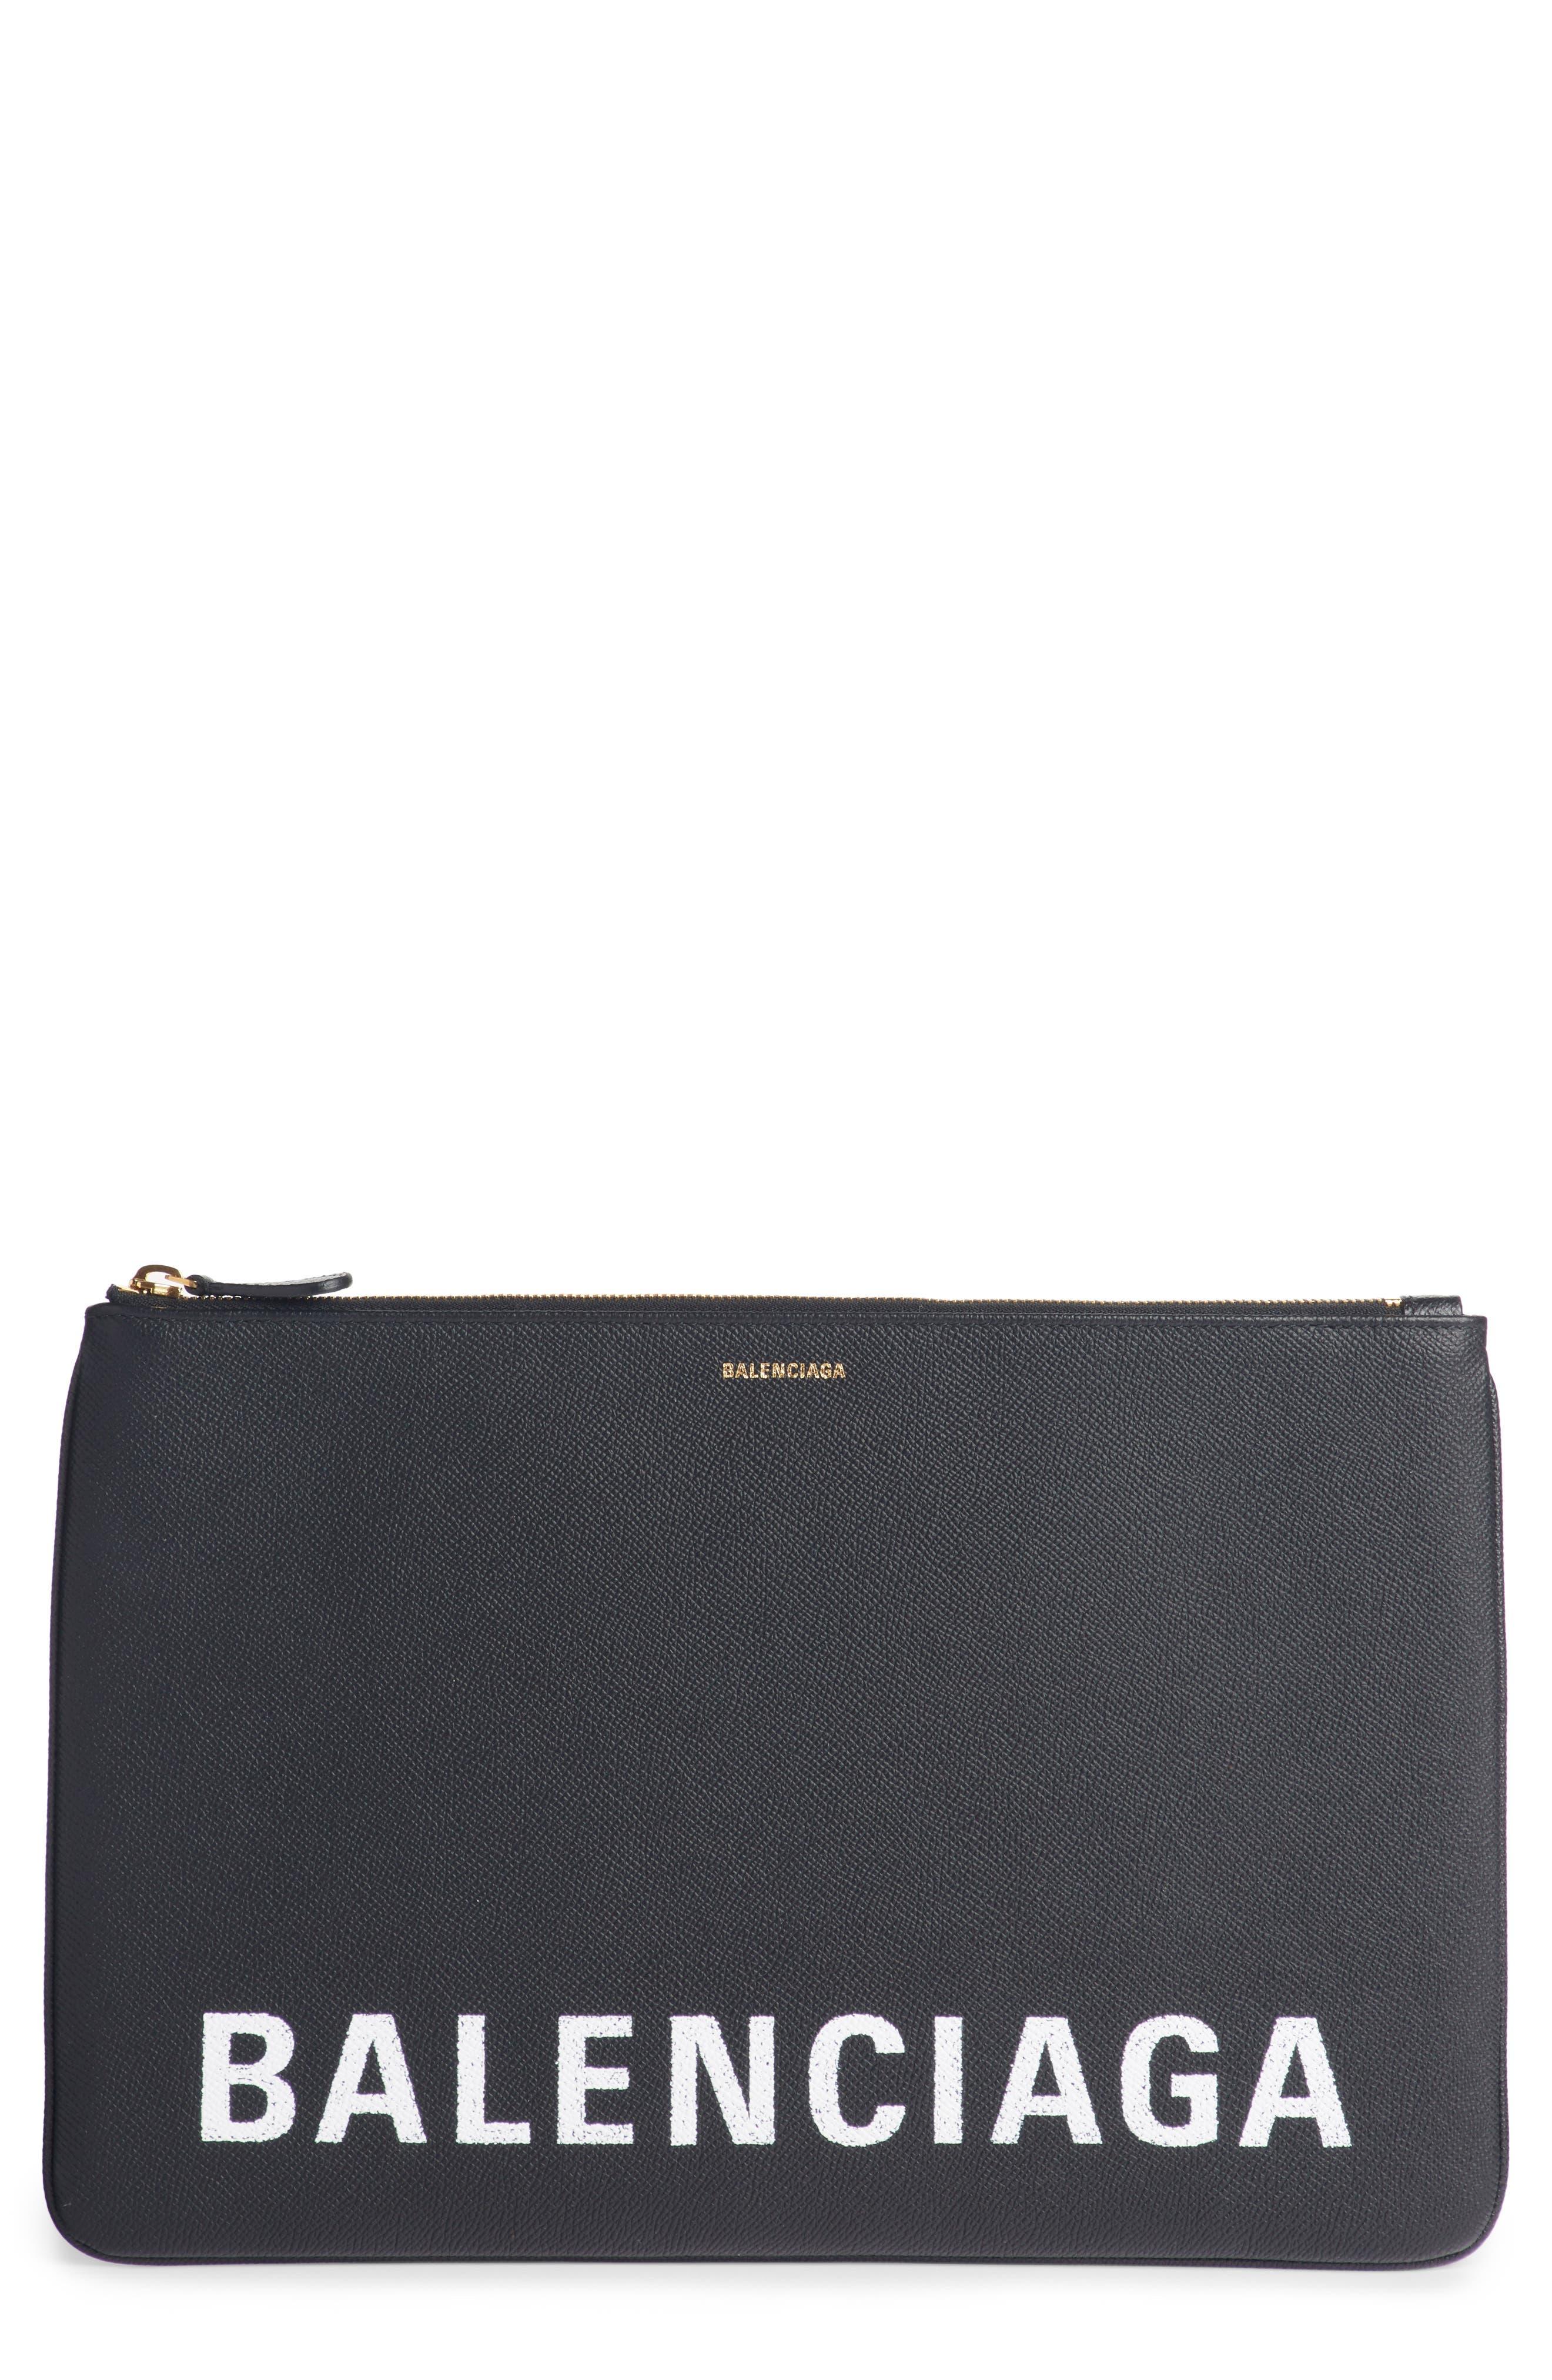 BALENCIAGA Ville Logo Calfskin Leather Pouch, Main, color, NOIR/ BLANC